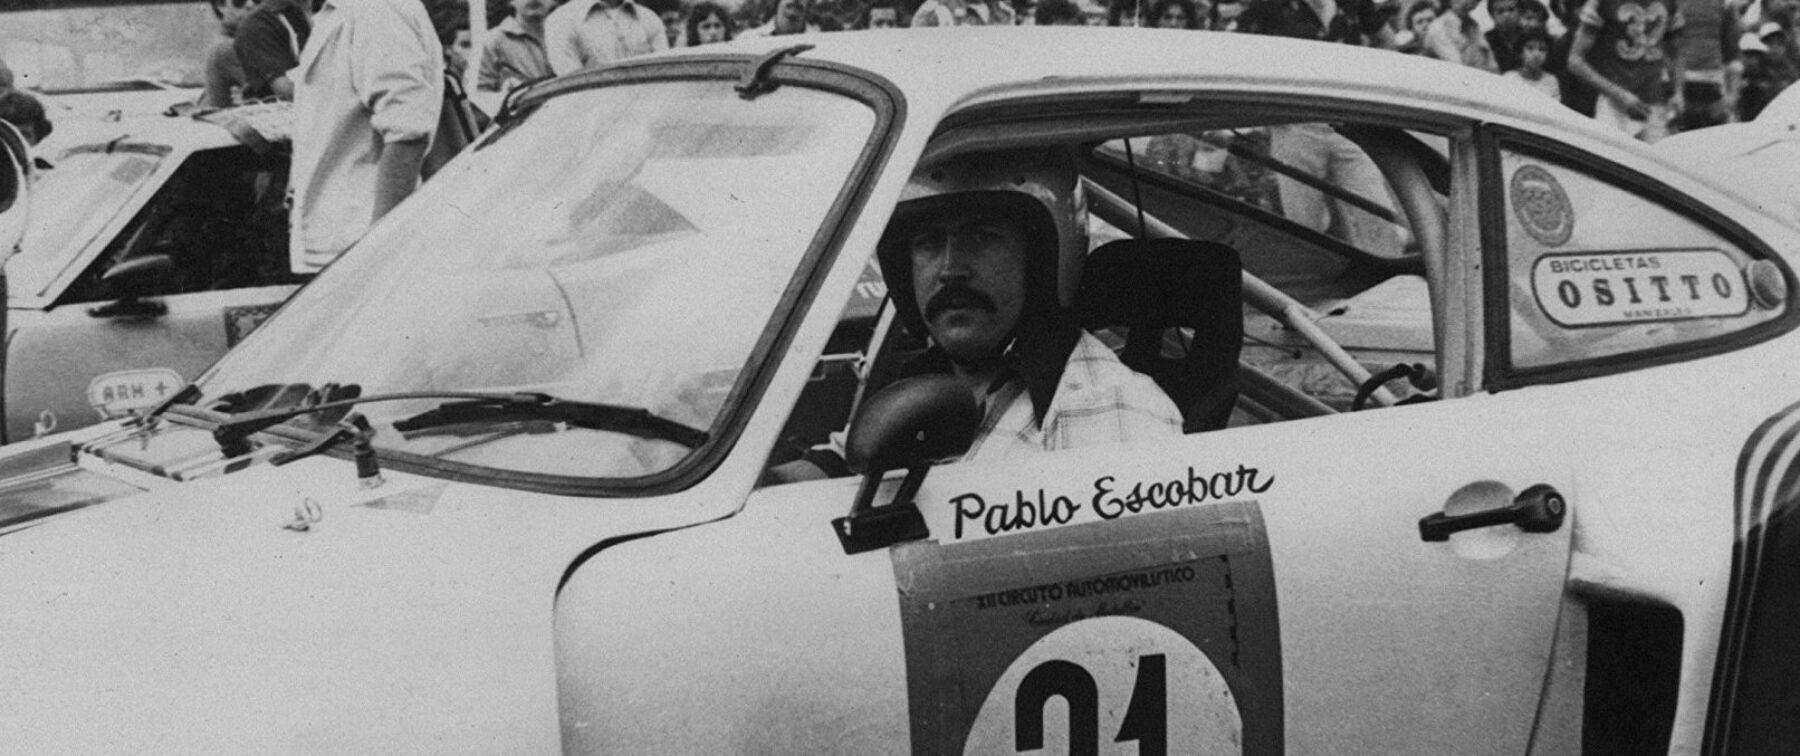 На замовлення Пабло Ескобара автомобіль був модернізований та отримав обвіс від моделі Porsche 935